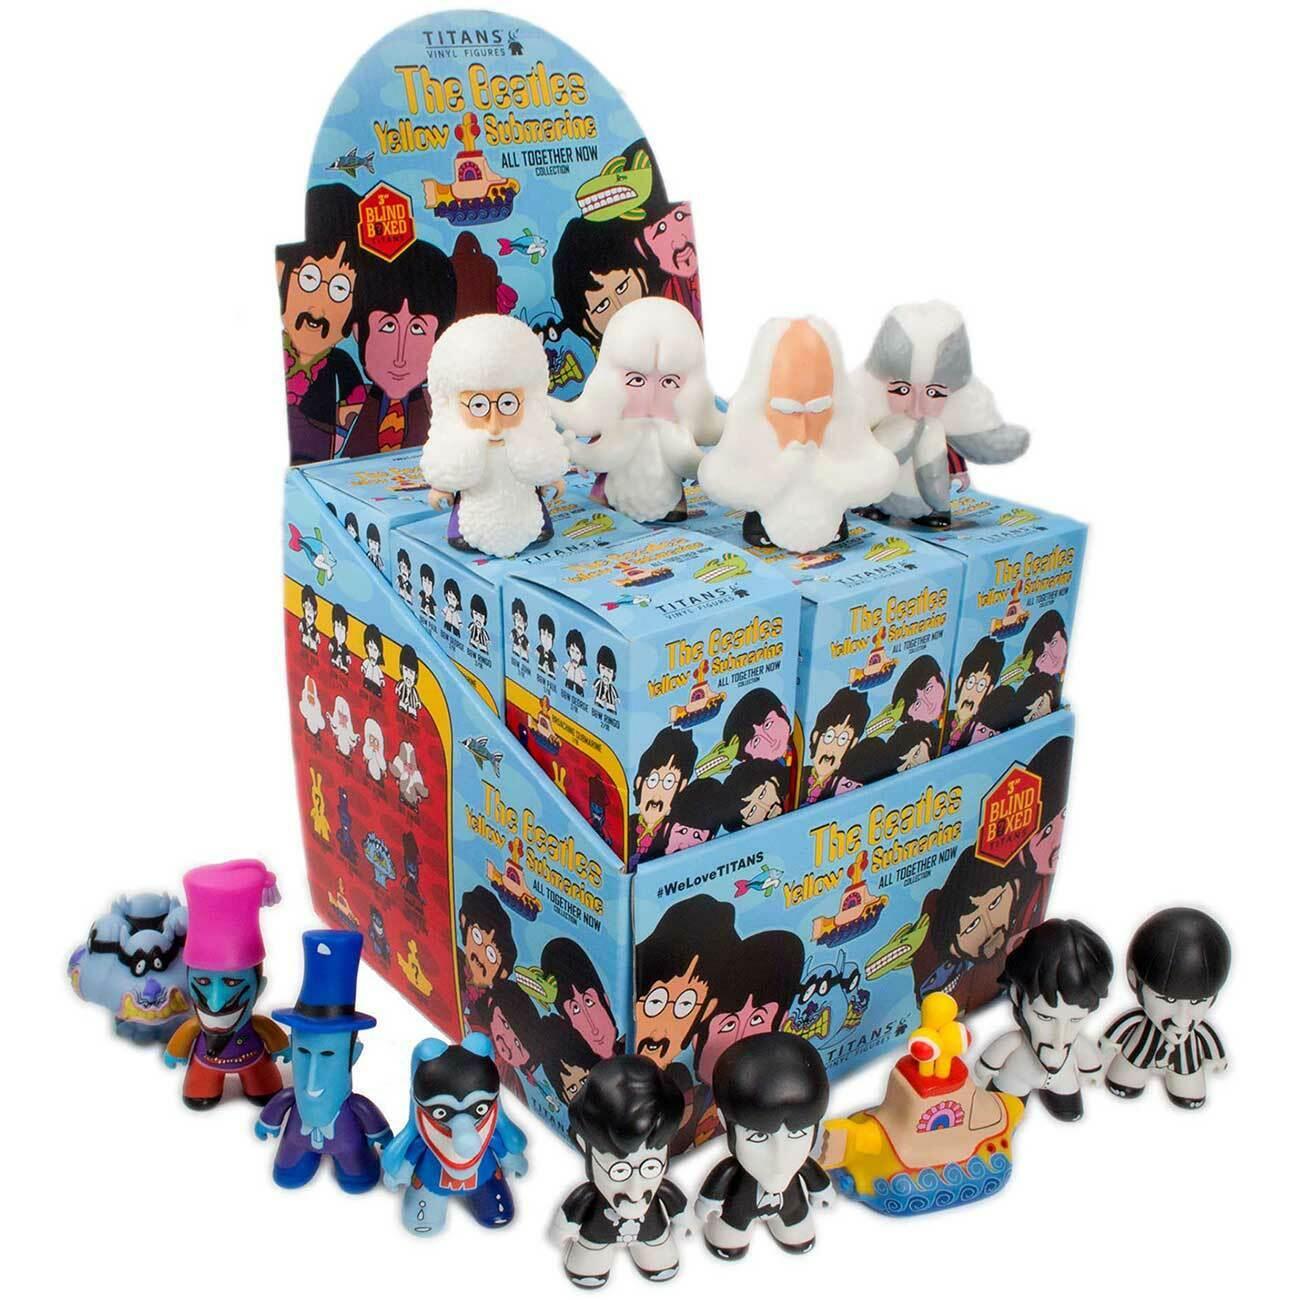 Los Beatles Titanes  submarino amarillo 18 piezas de colección de caja ciego (3 )